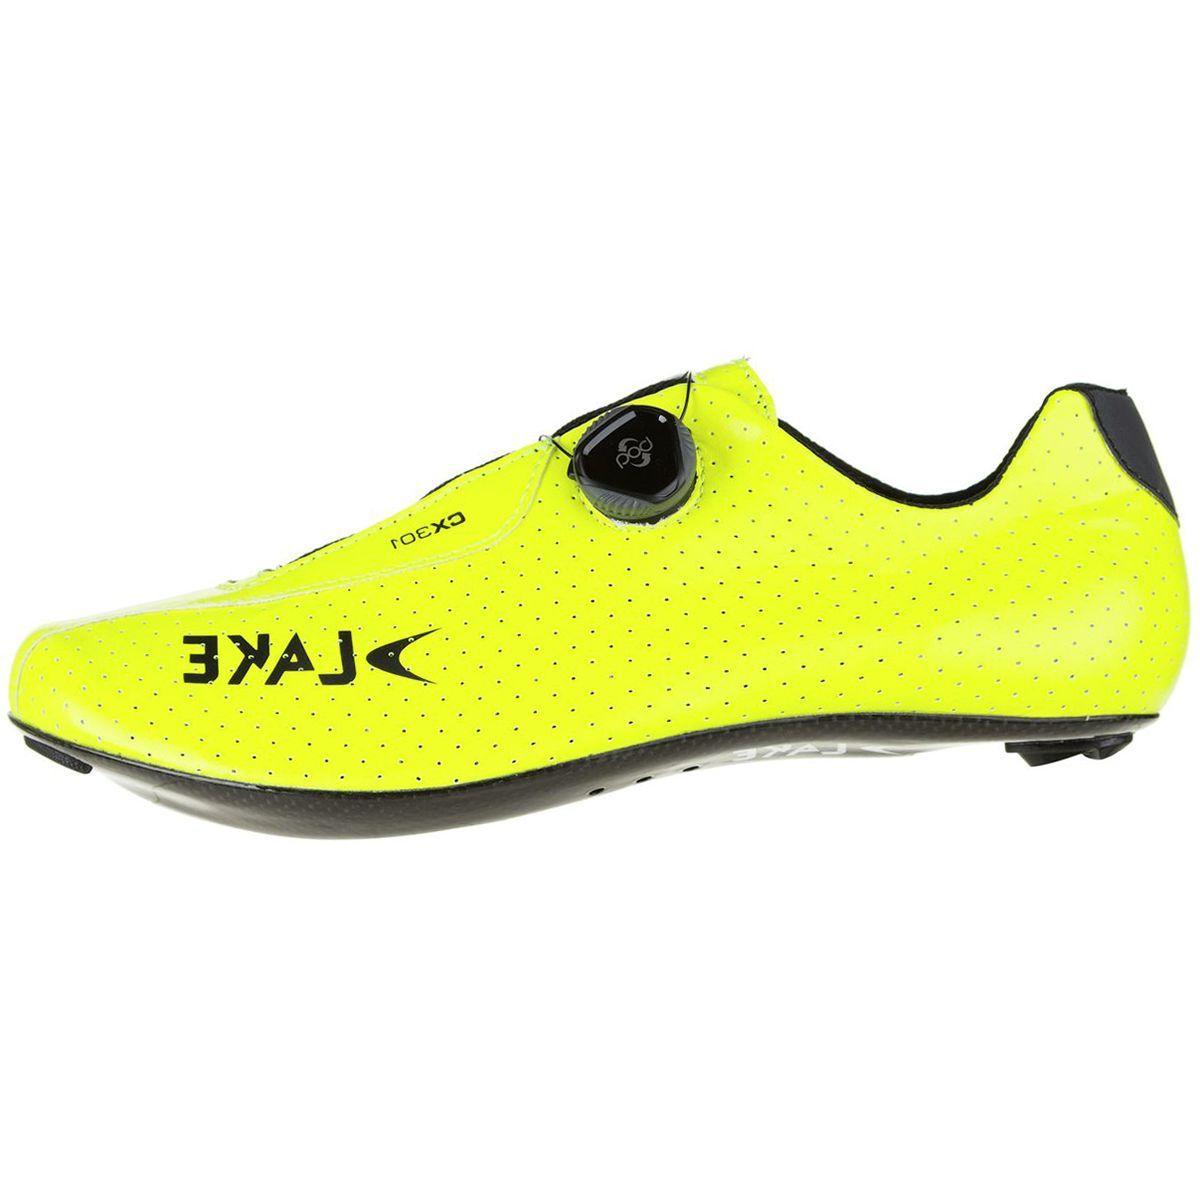 Lake CX301 Cycling Shoe - Men's